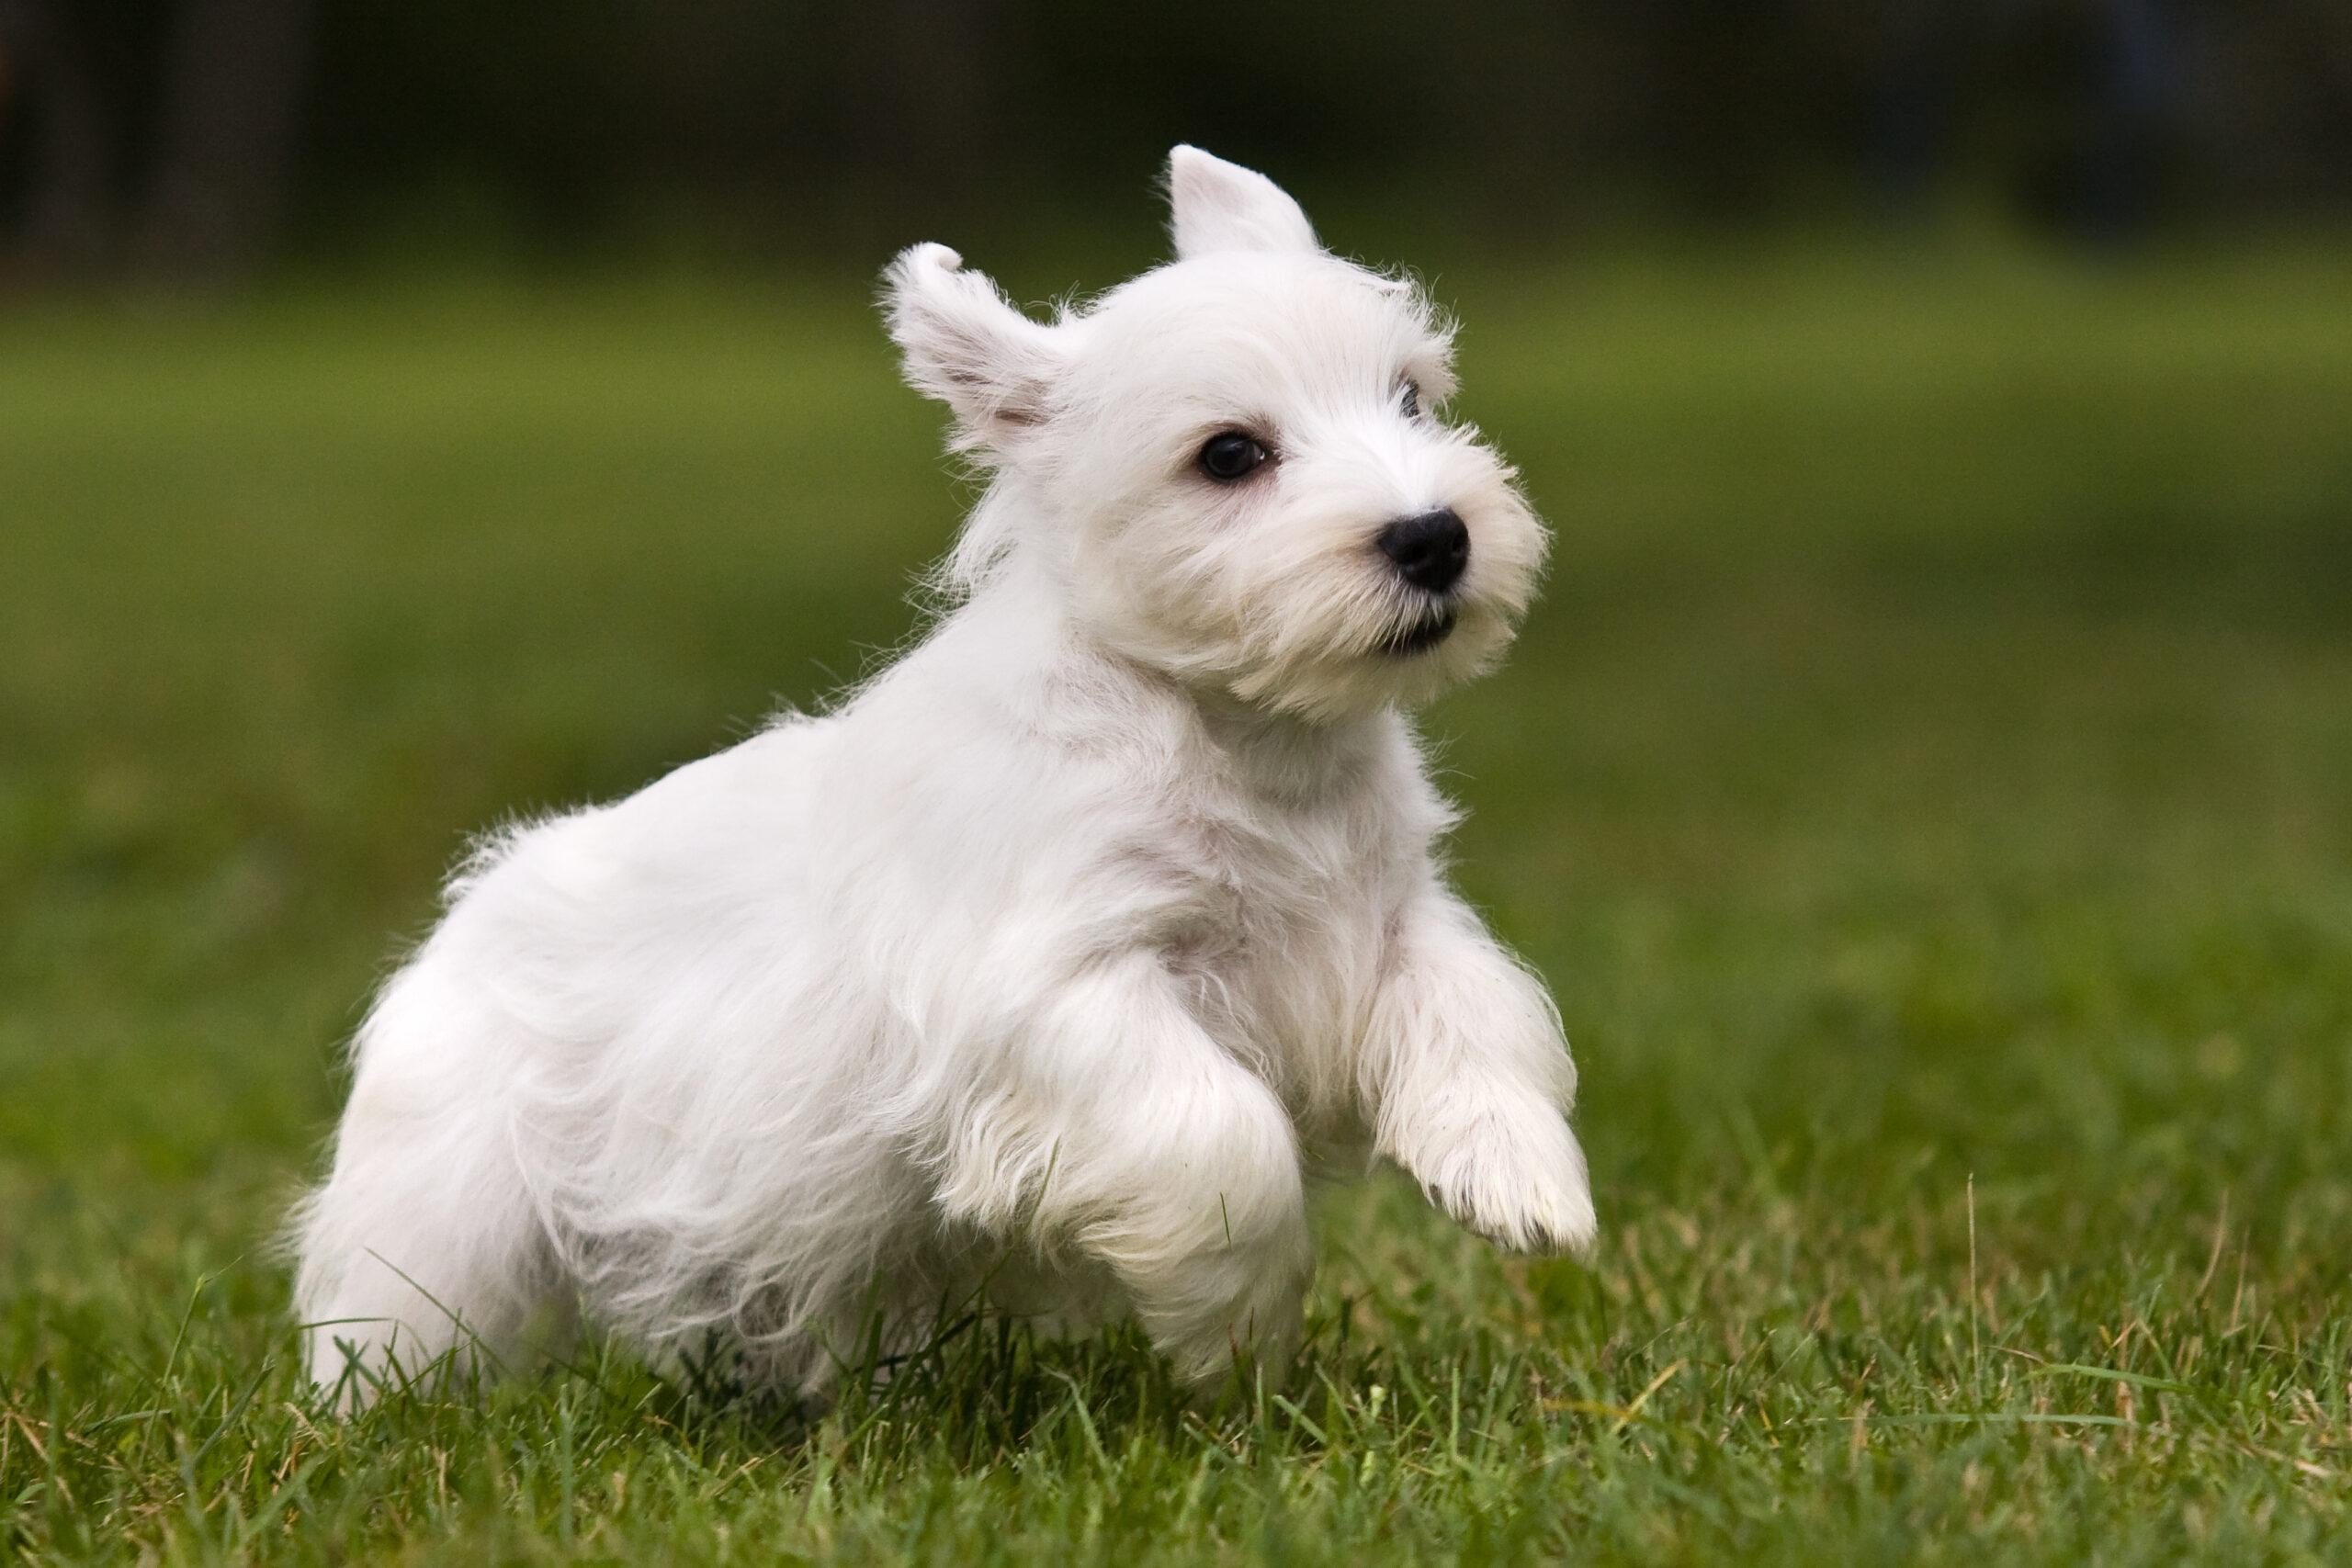 Sealyham Terrier running in grass (Photo: Adobe Stock)